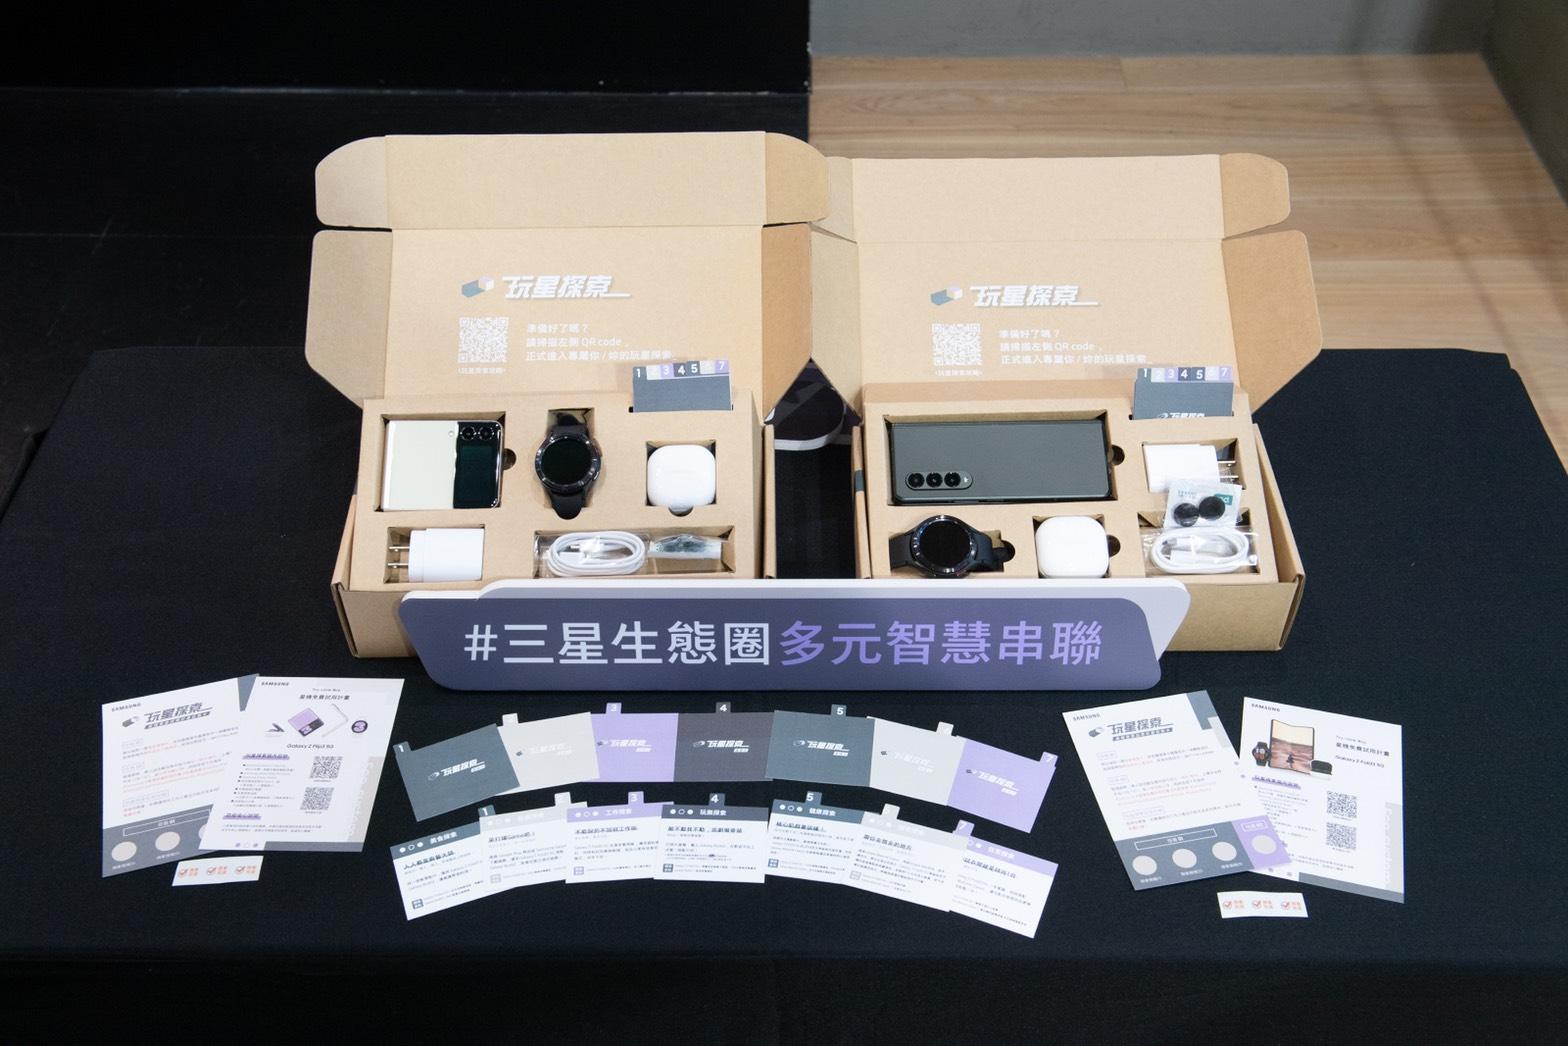 台灣三星「星機免費試用計畫」開跑-旗艦生態圈產品一次體驗!